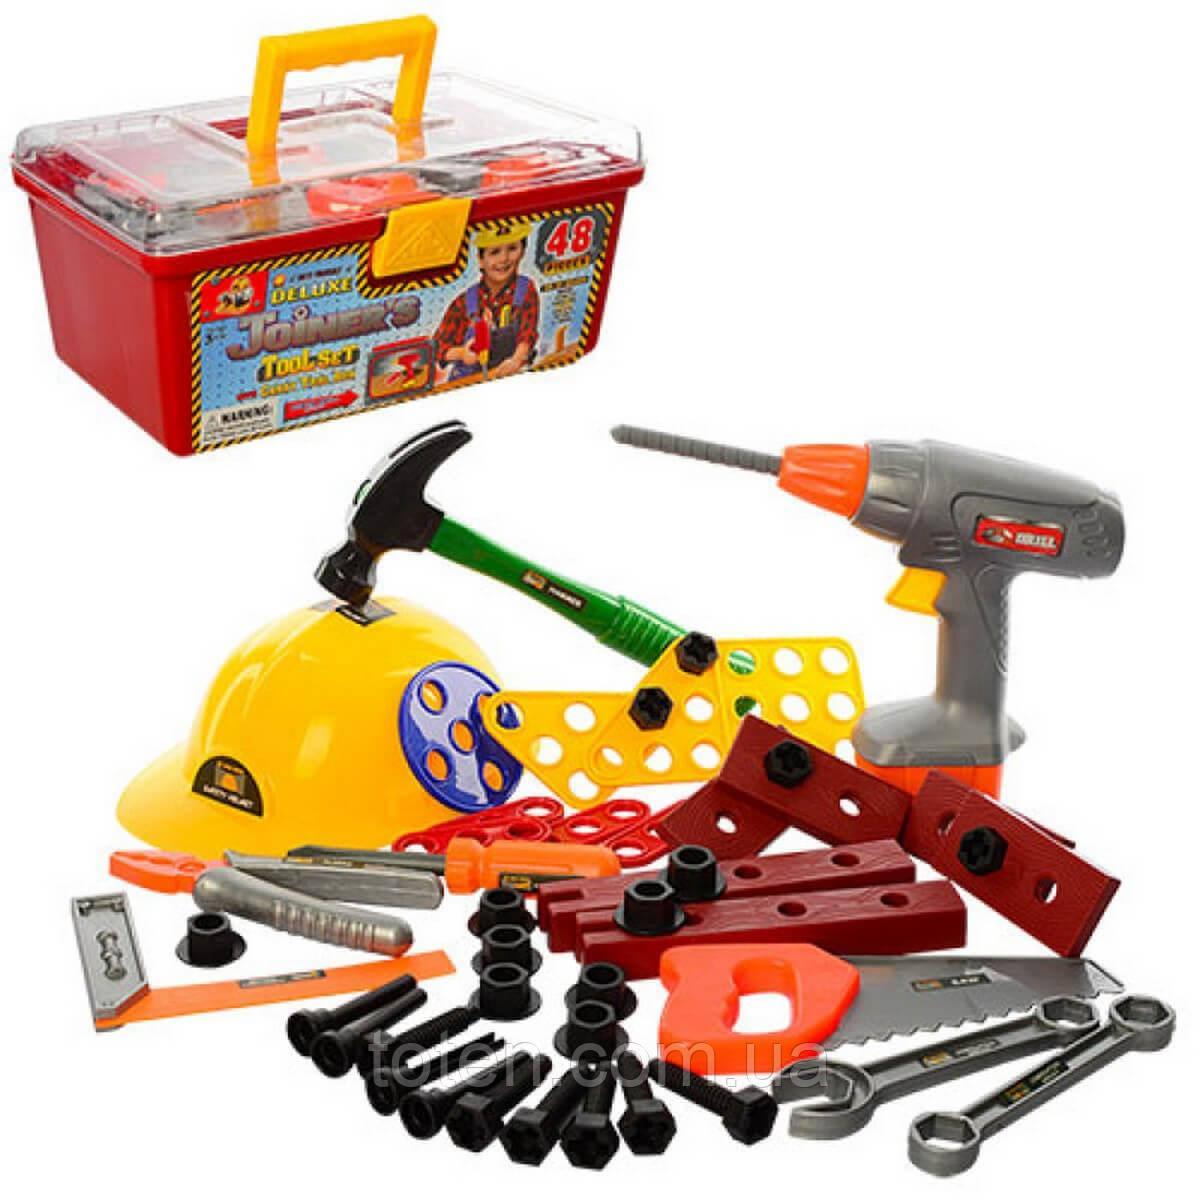 Детский набор инструментов в чемоданчике. Дрель, каска, молоток, отвертка и др. 48 инструм 2056